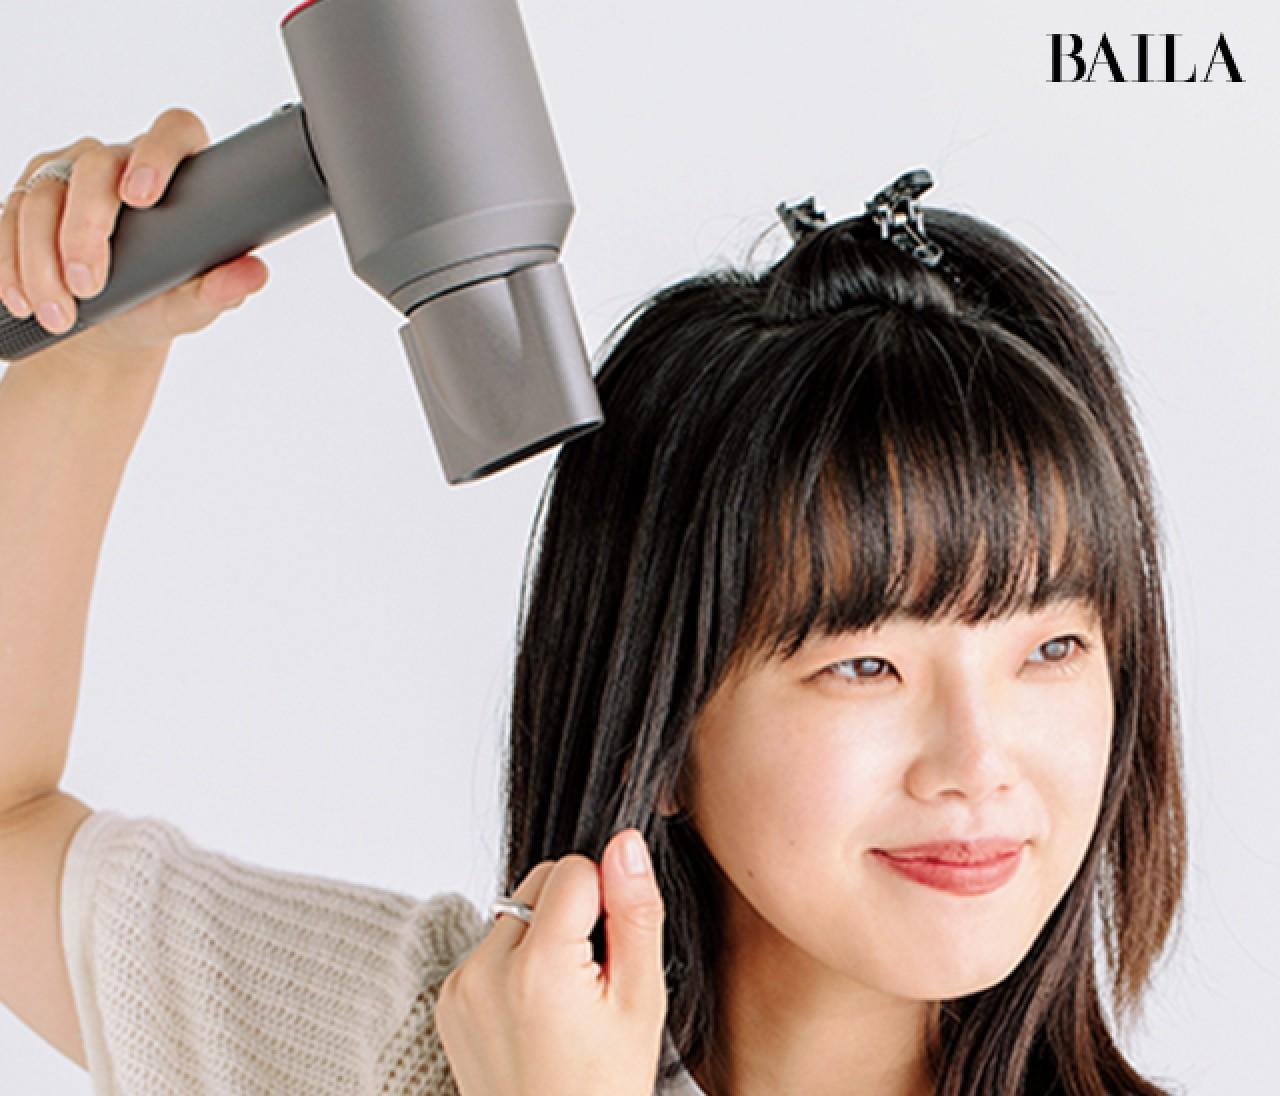 髪にいい感じのボリュームがほしい! 【ボリュームヘア】がつくれるテクニック